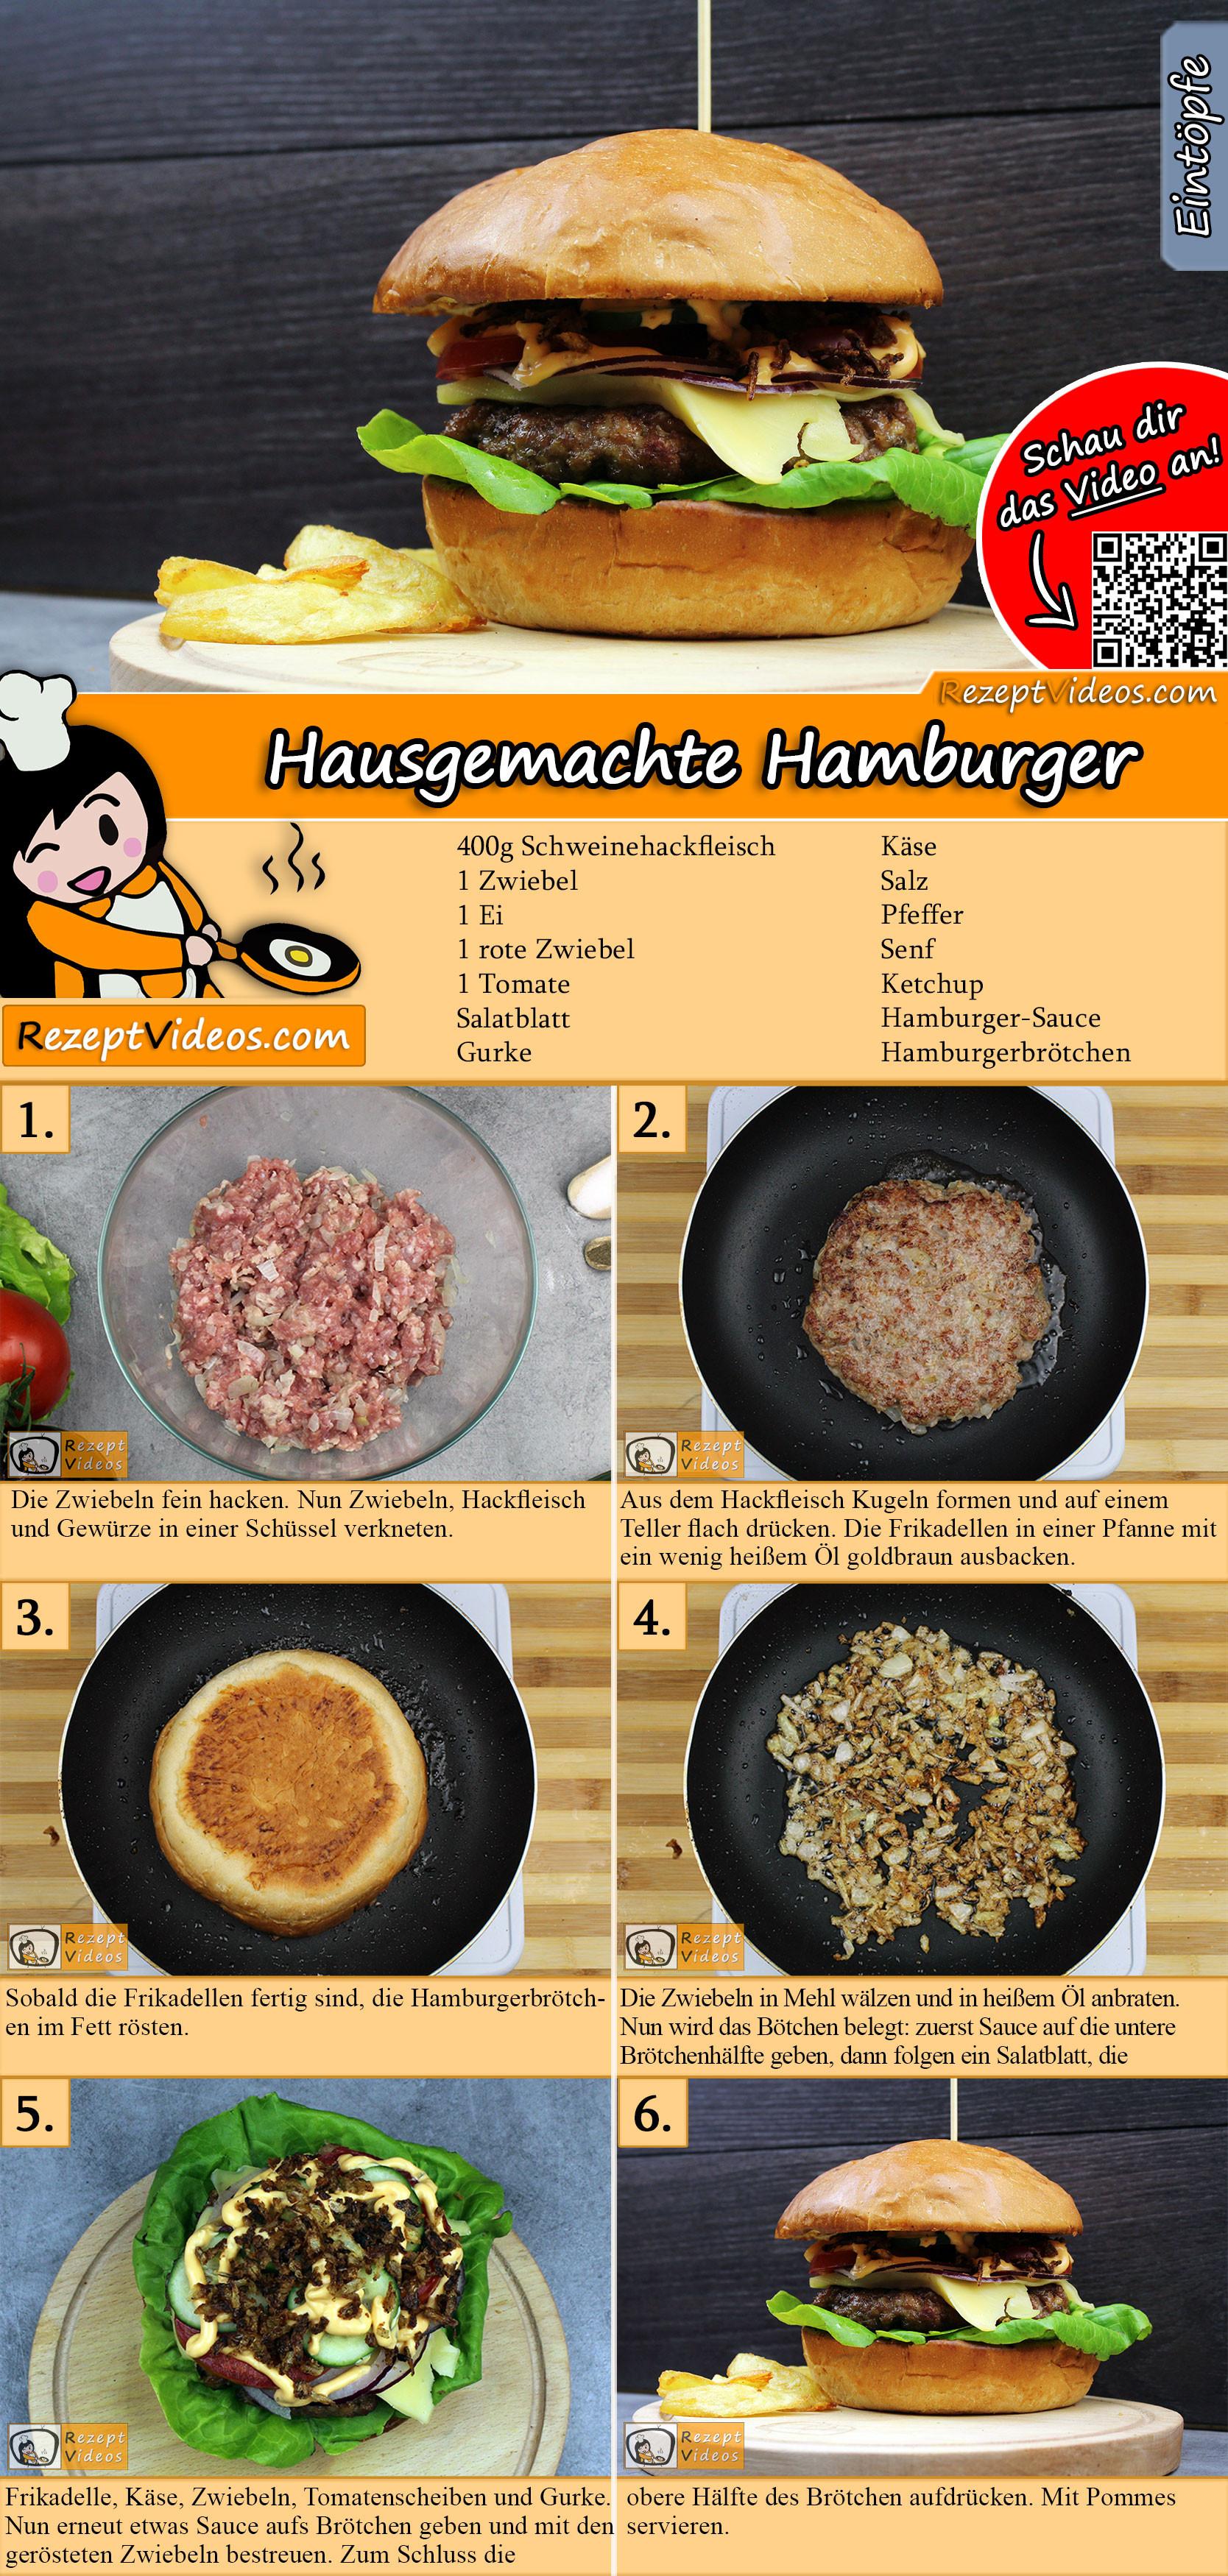 Hausgemachte Hamburger Rezept mit Video